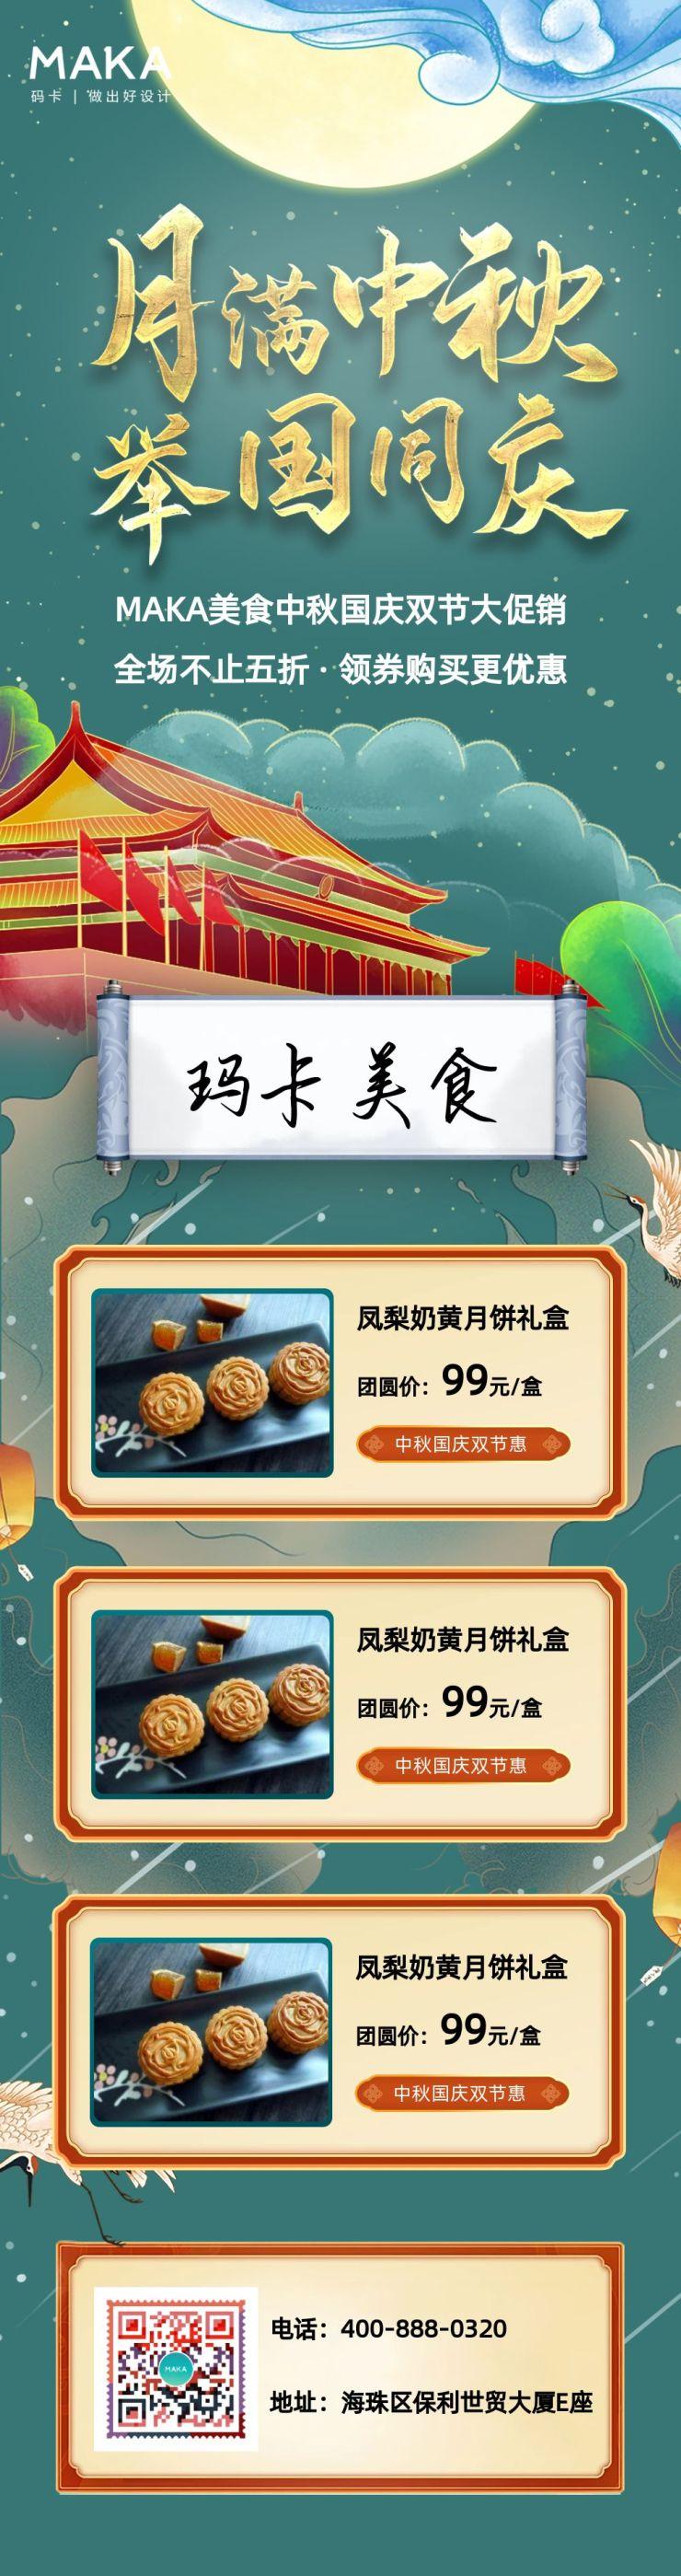 绿色唯美风月满中秋举国同庆月饼促销宣传文章长图